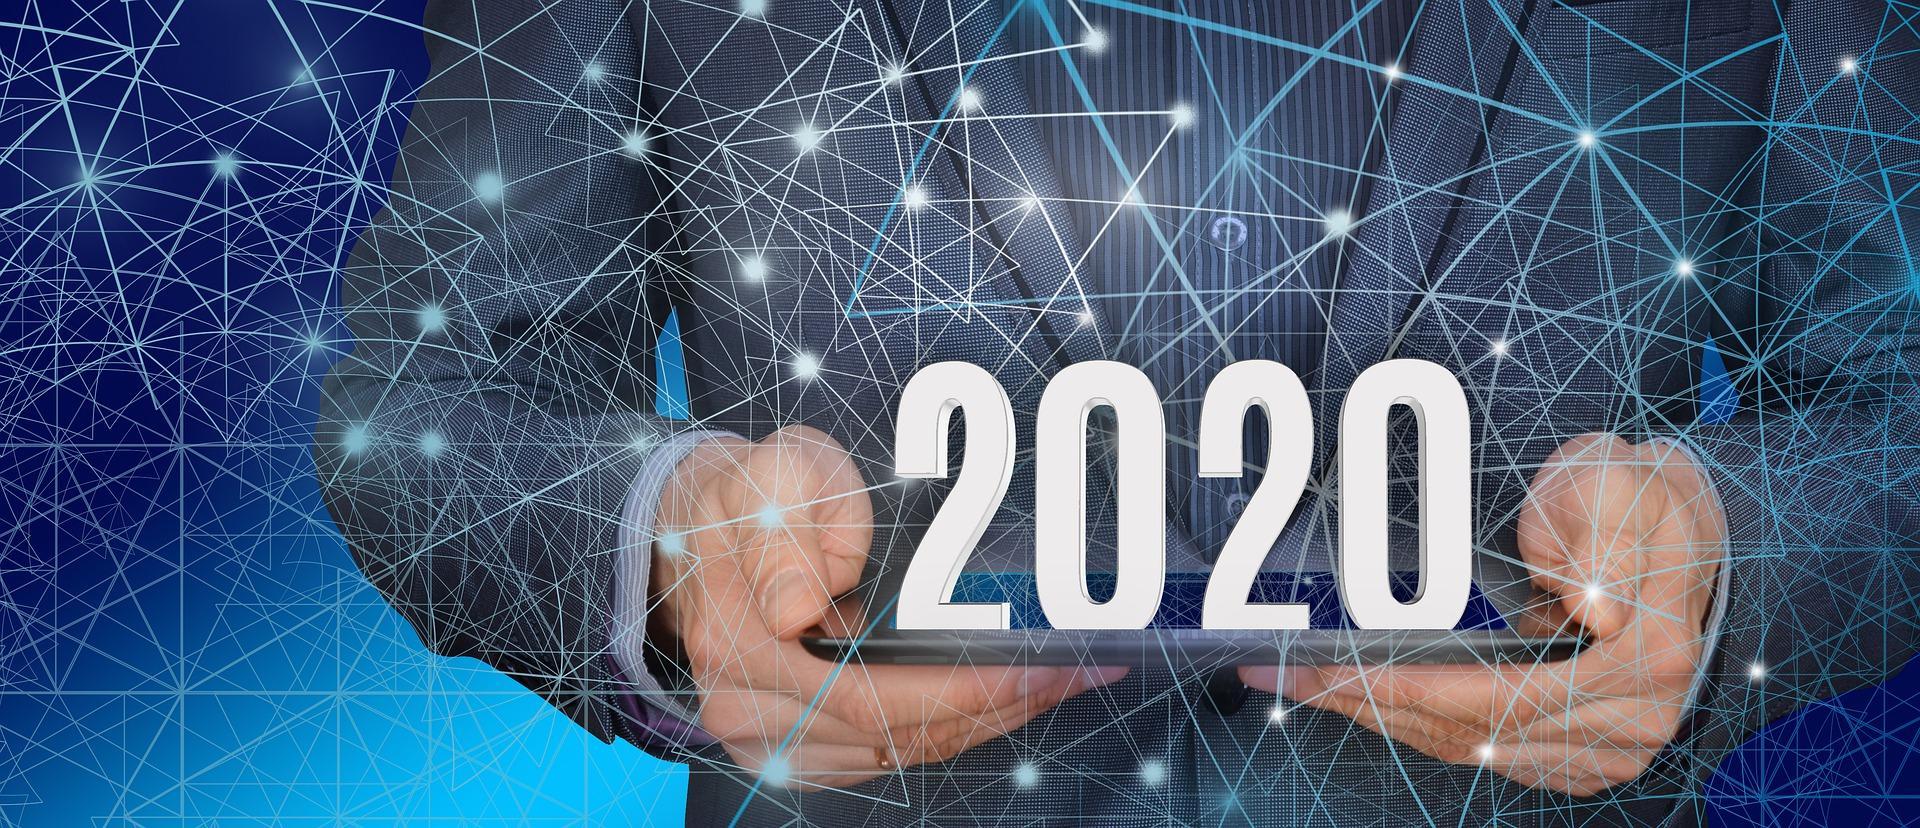 Digitalisierung2020